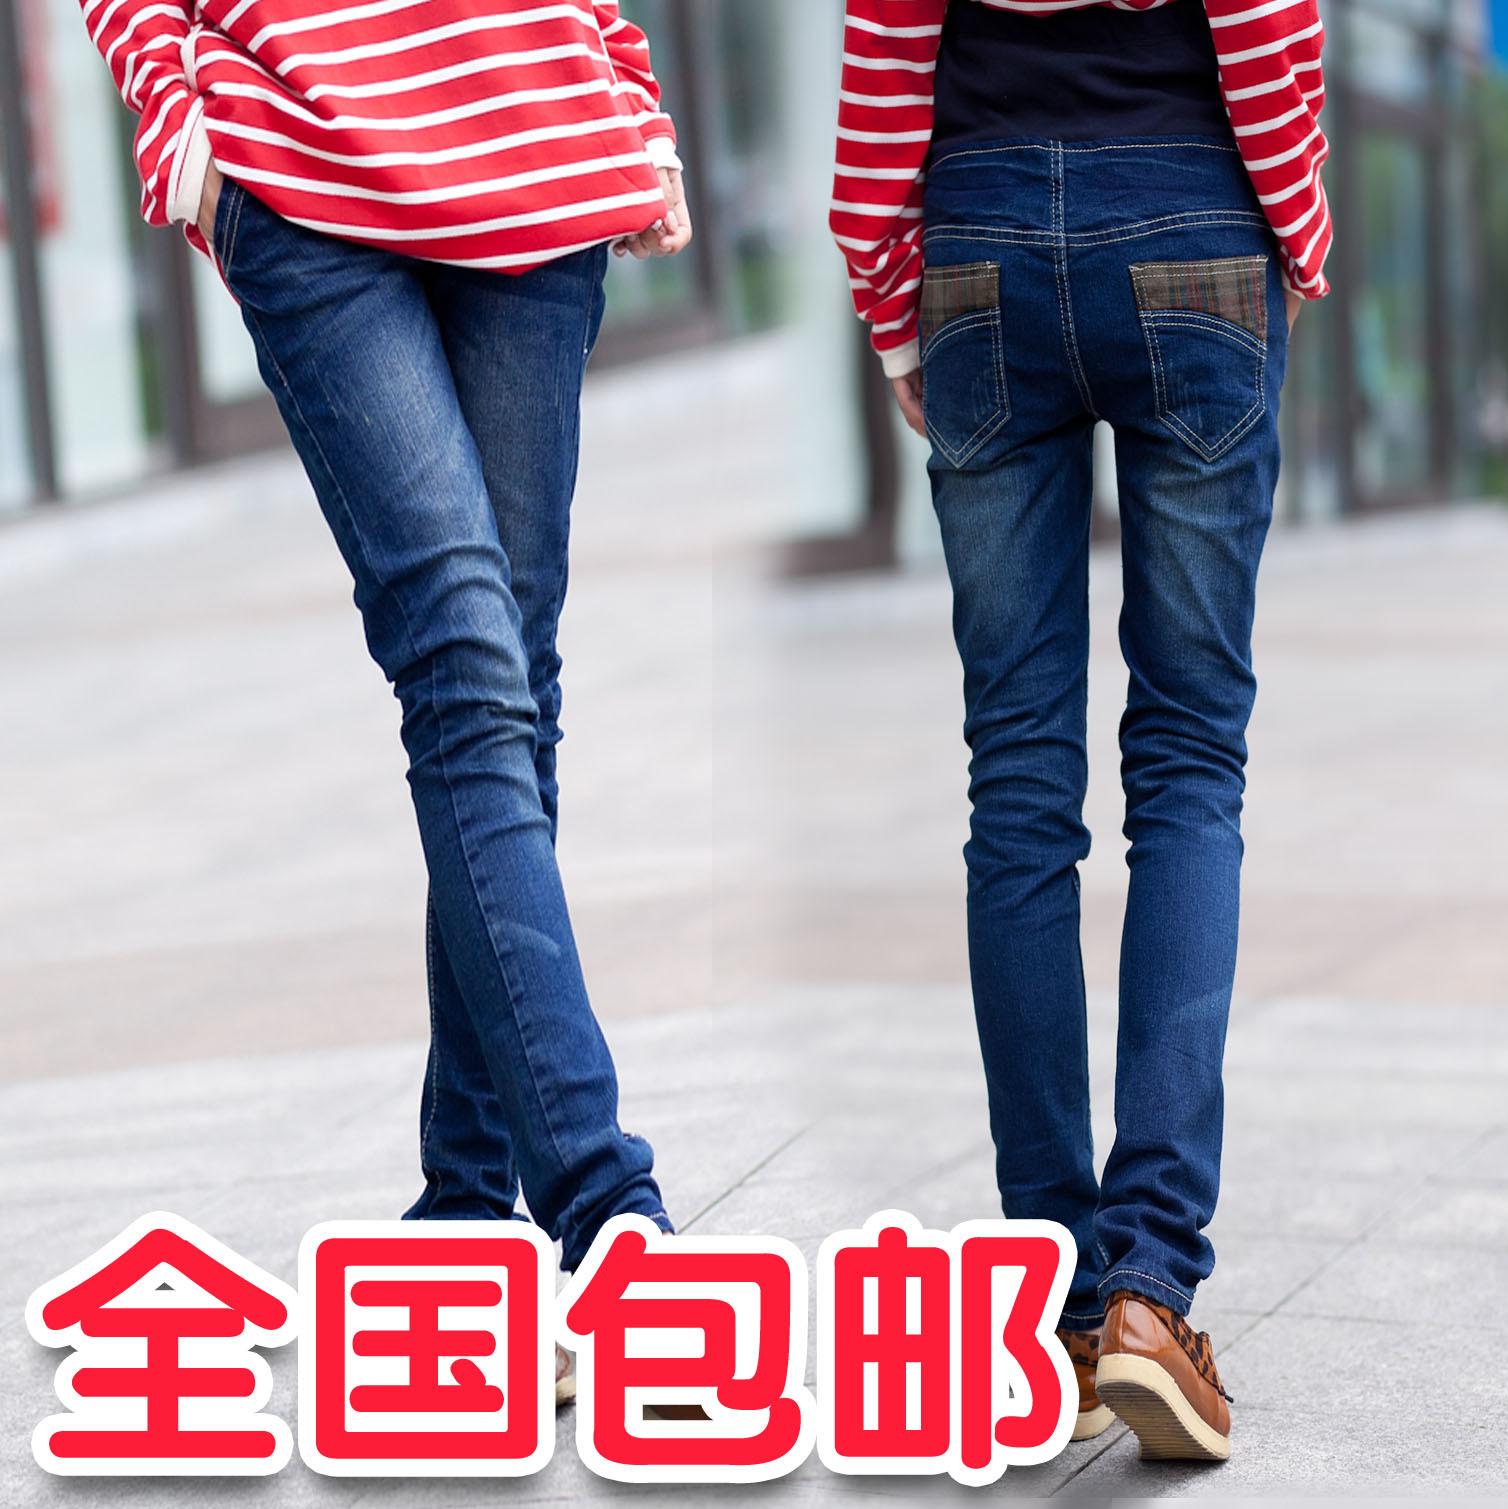 包邮 时尚韩版秋装孕妇装牛仔裤铅笔裤打底裤托腹裤孕妇裤子长裤j